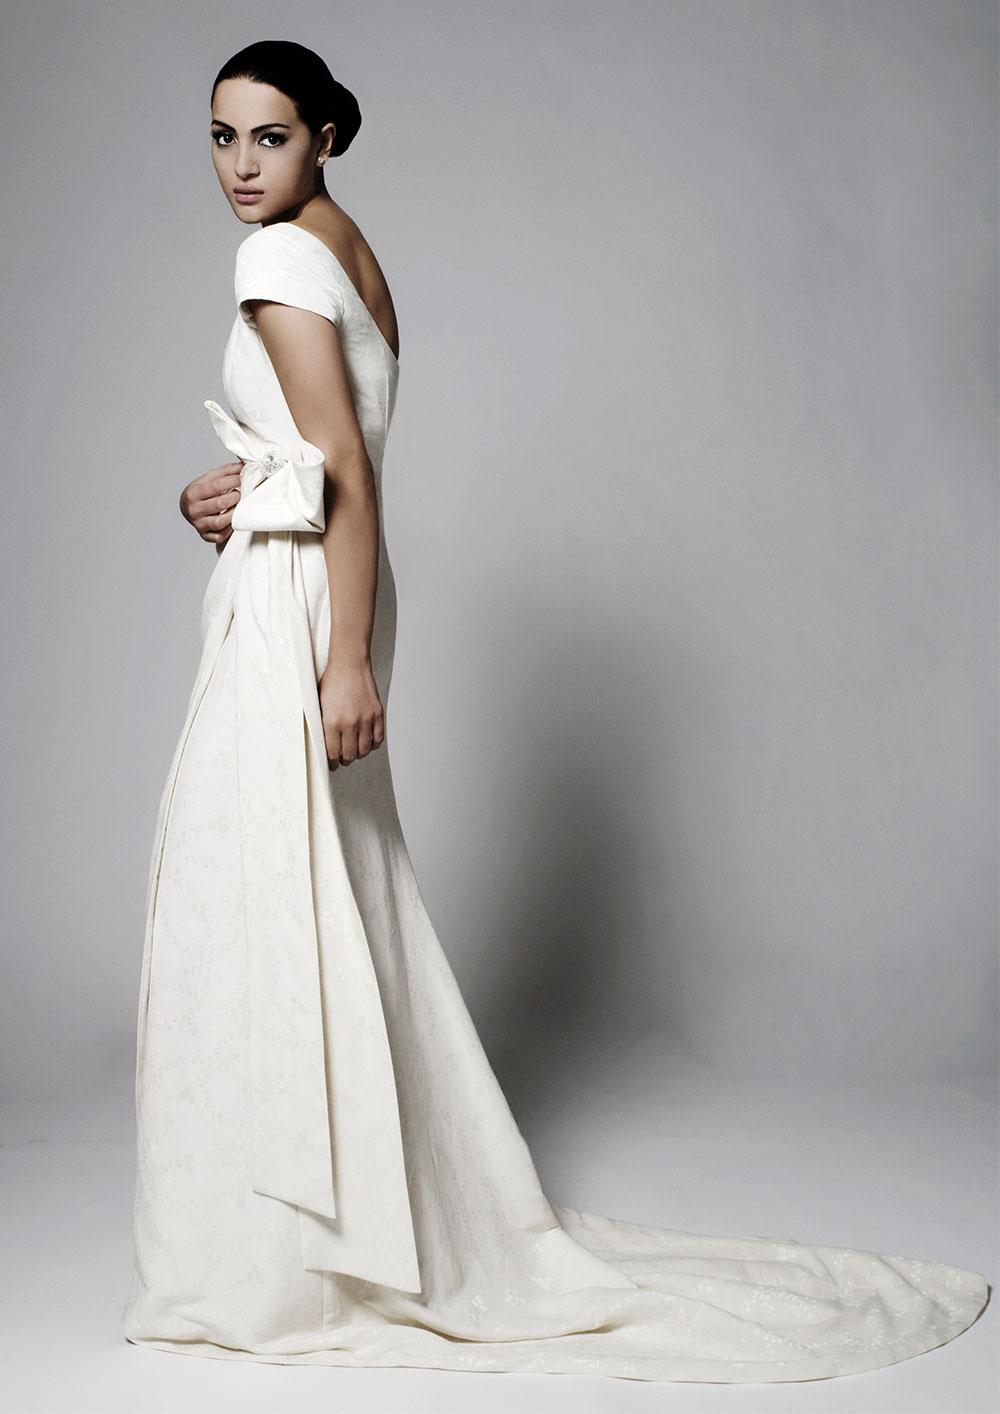 Allegra Wedding gown